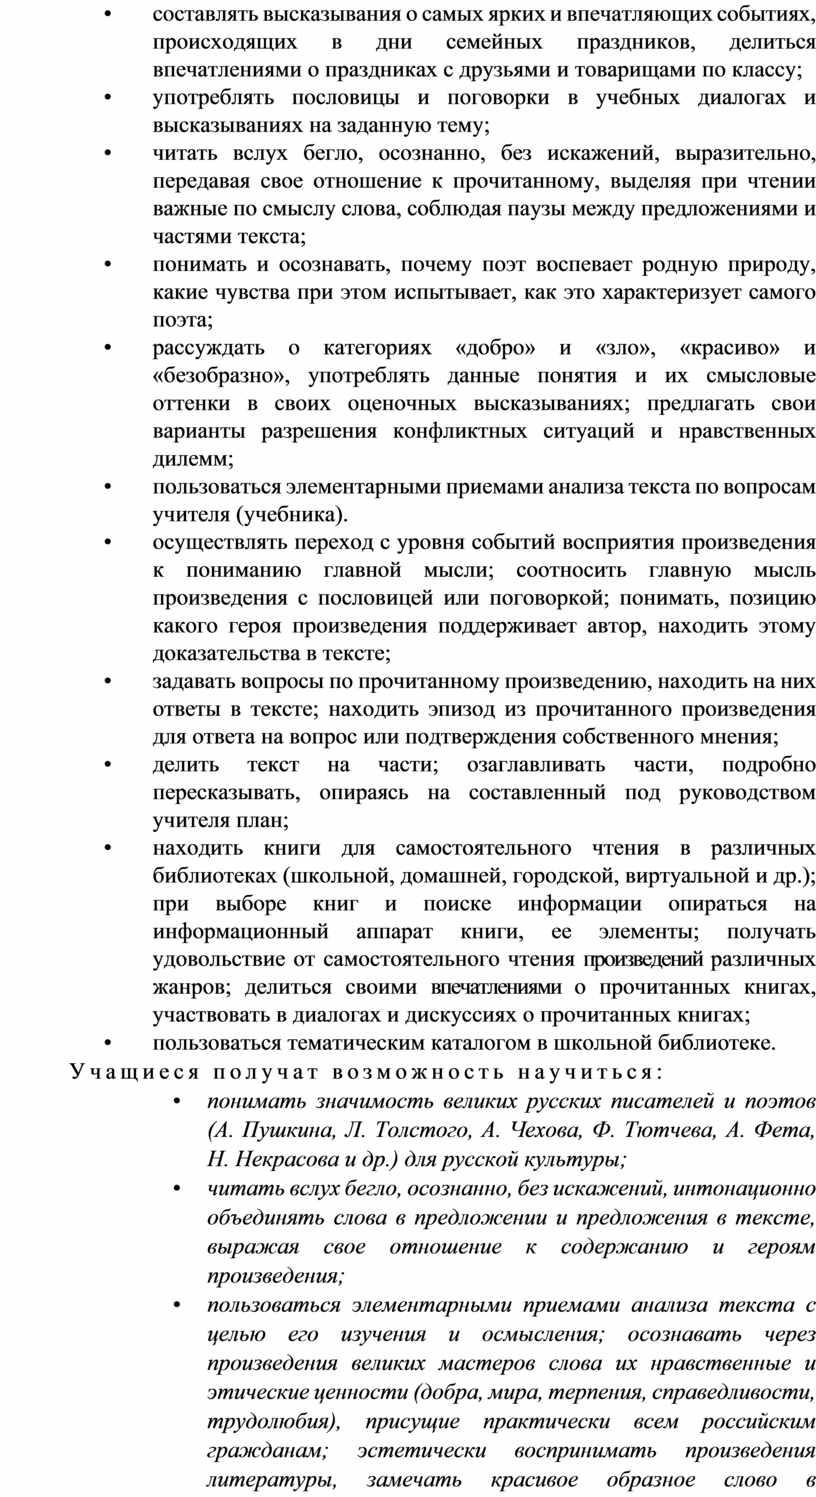 Учащиеся получат возможность научиться : • понимать значимость великих русских писателей и поэтов (А